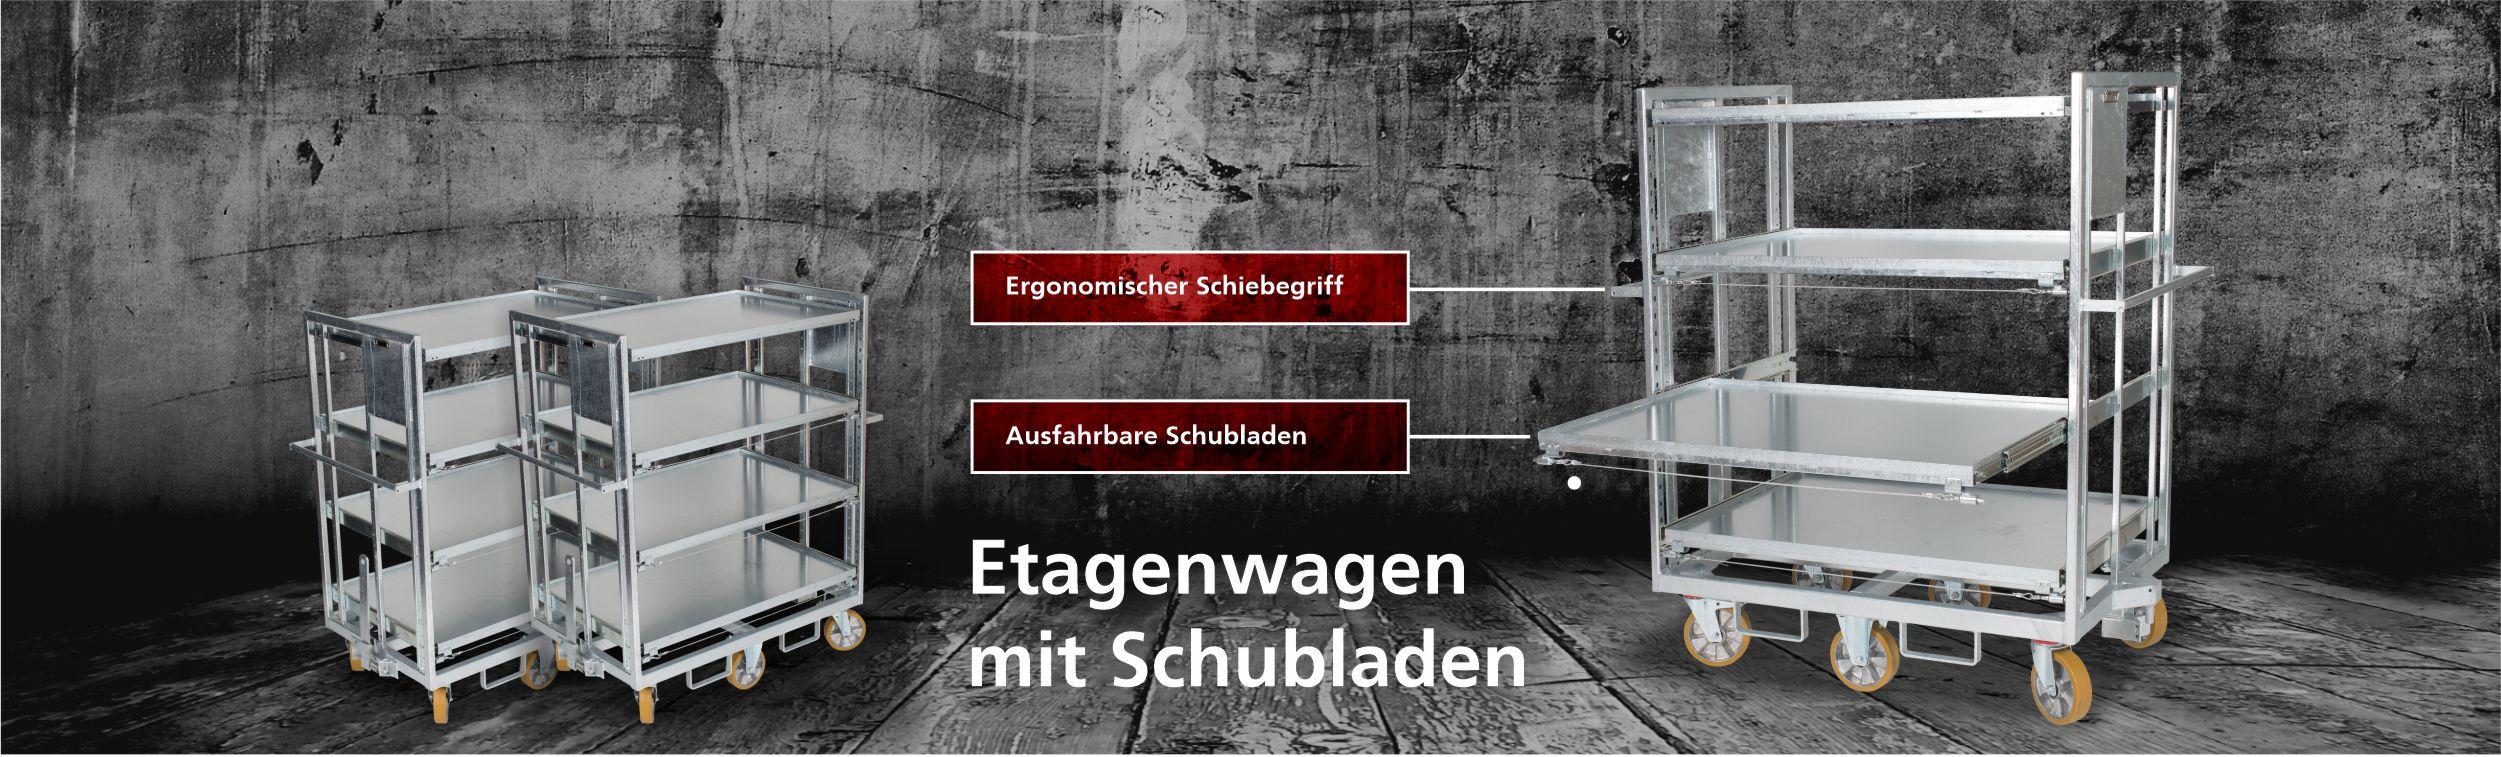 etagenwagen_mit_schubladen